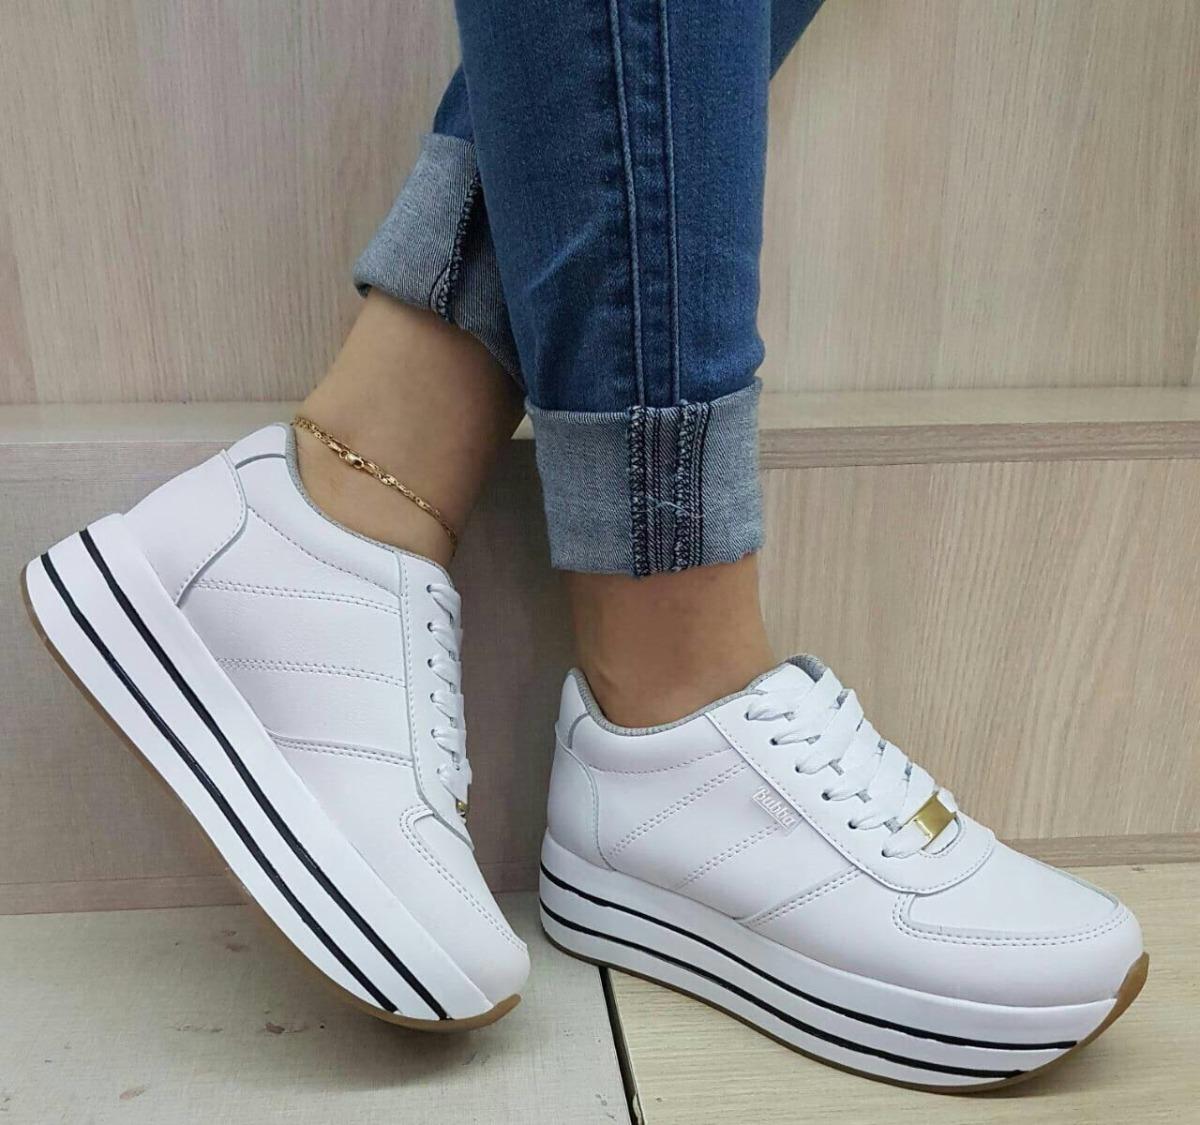 976f7158b6b zapatos deportivos para mujer color blancos suela alta moda. Cargando zoom.